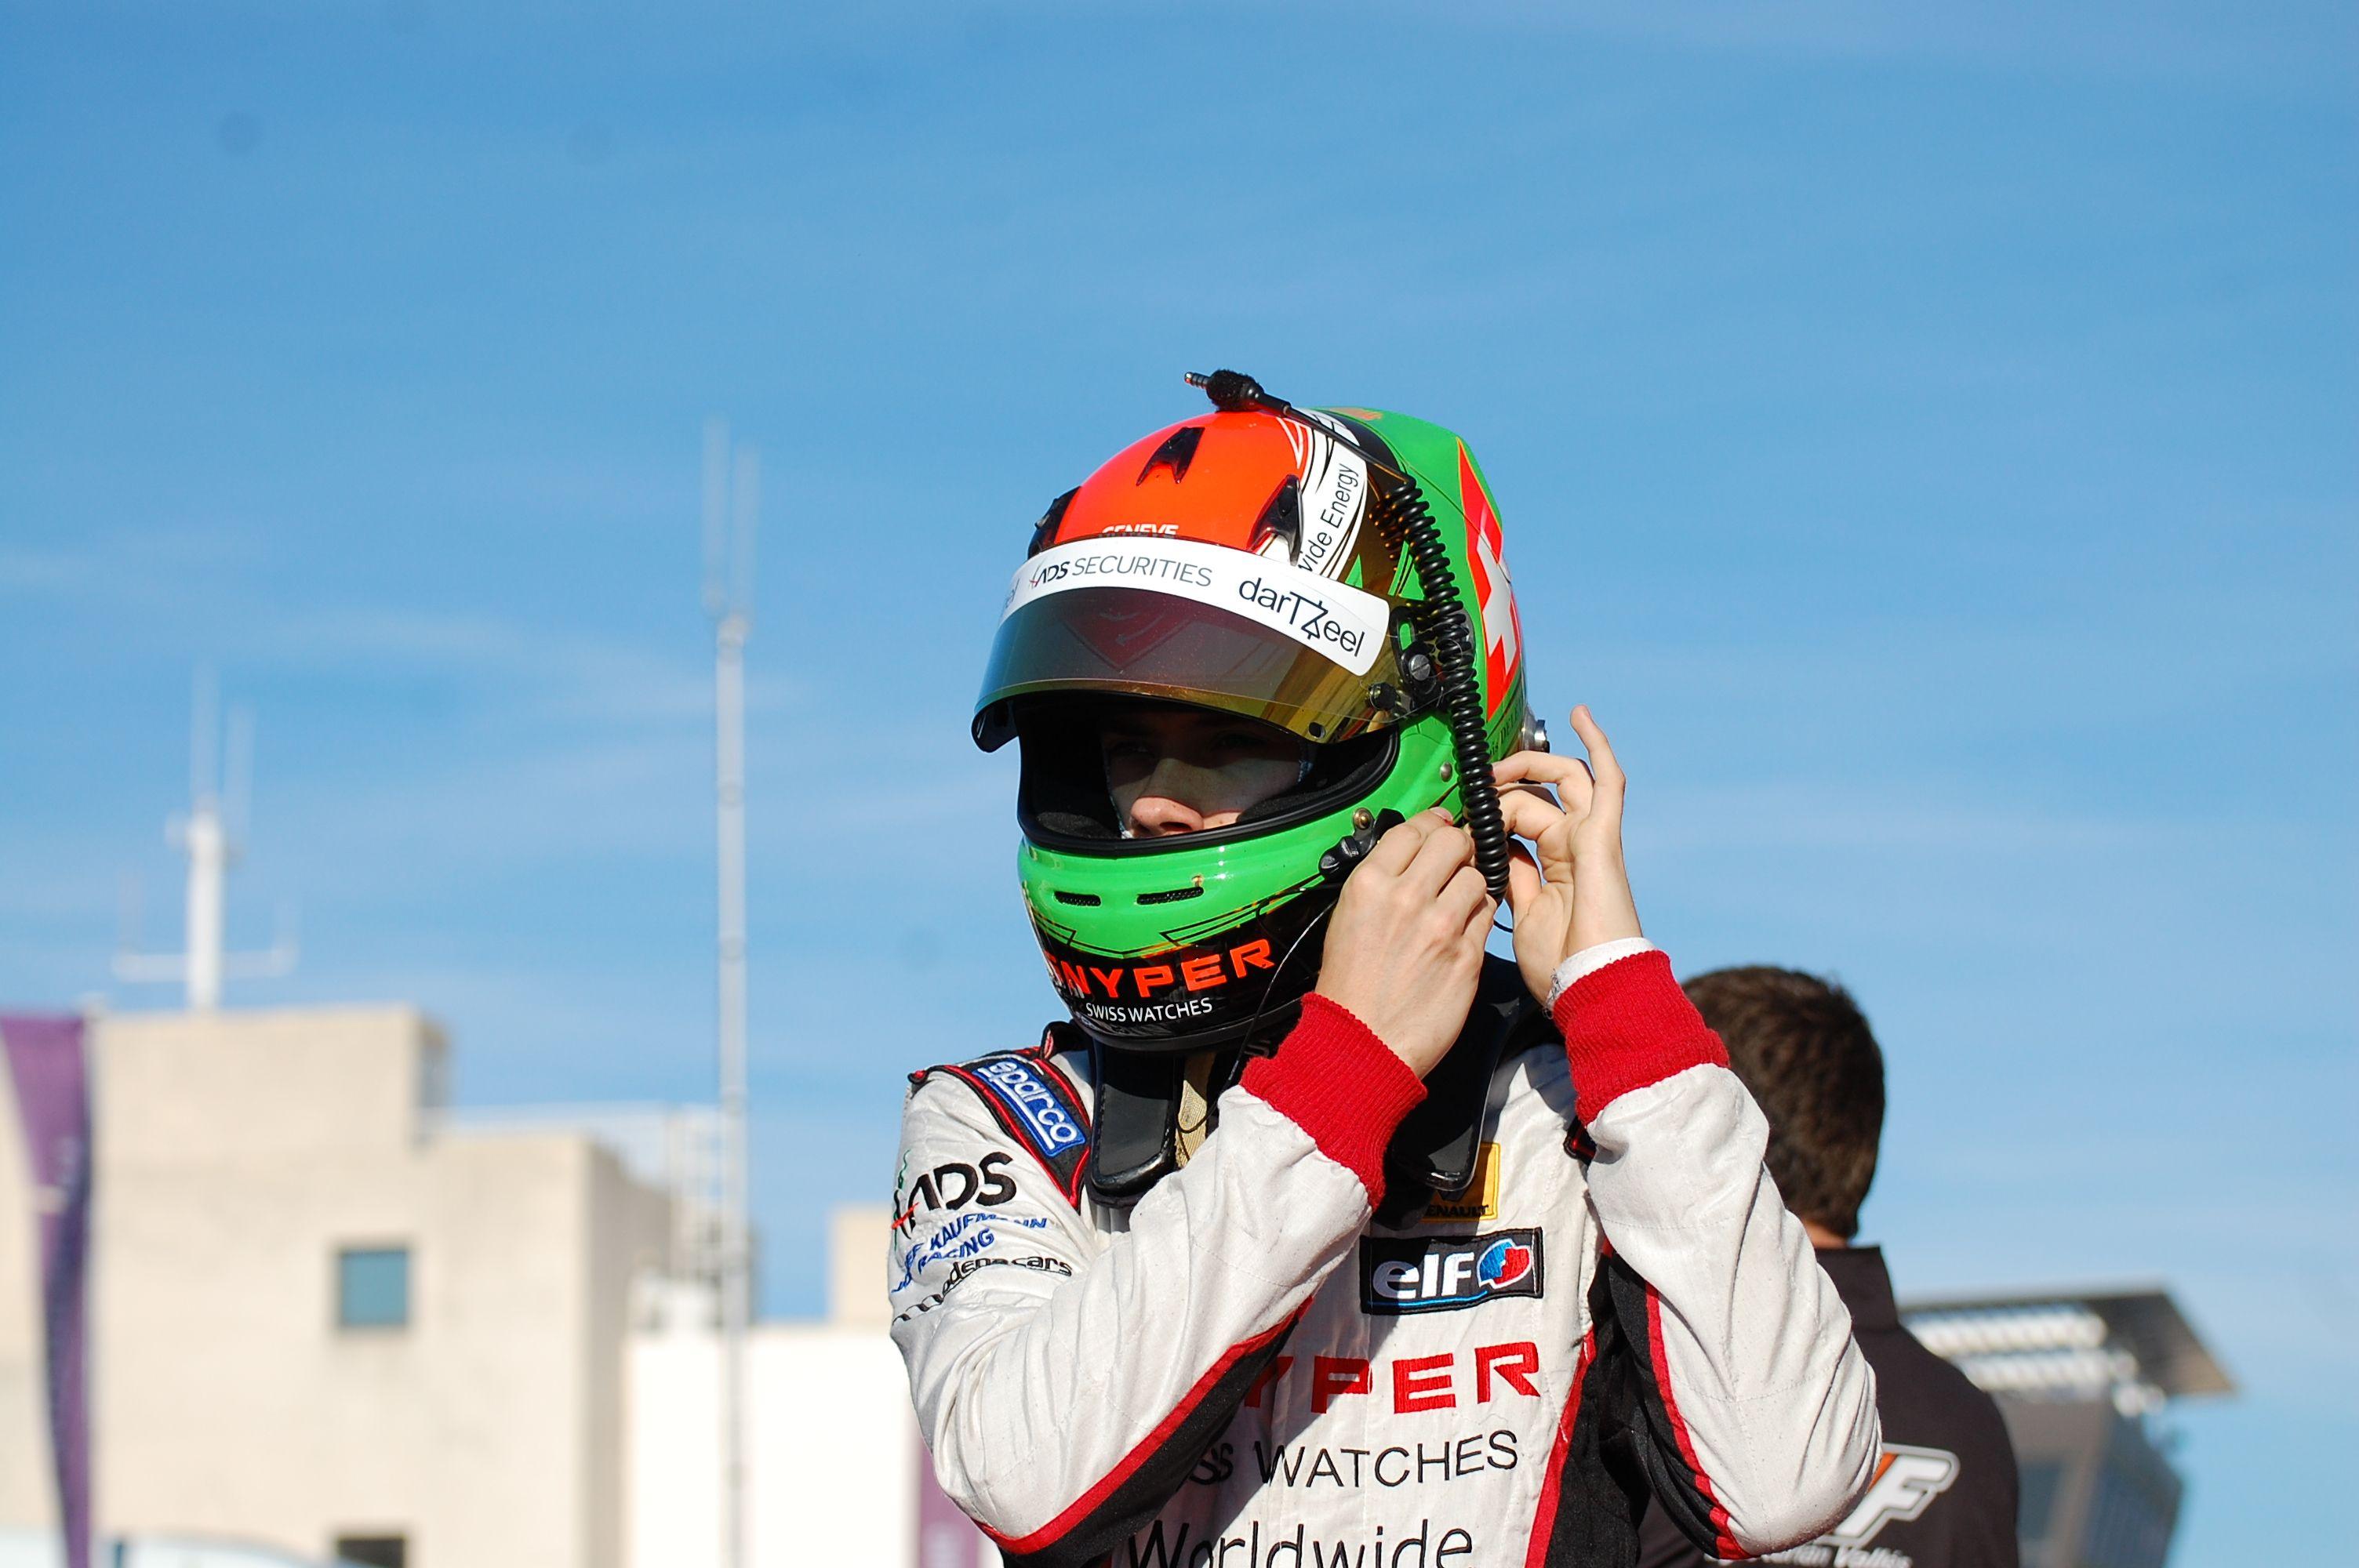 Louis déletraz, josef kaufmann racing, eurocup formula renault 2.0,